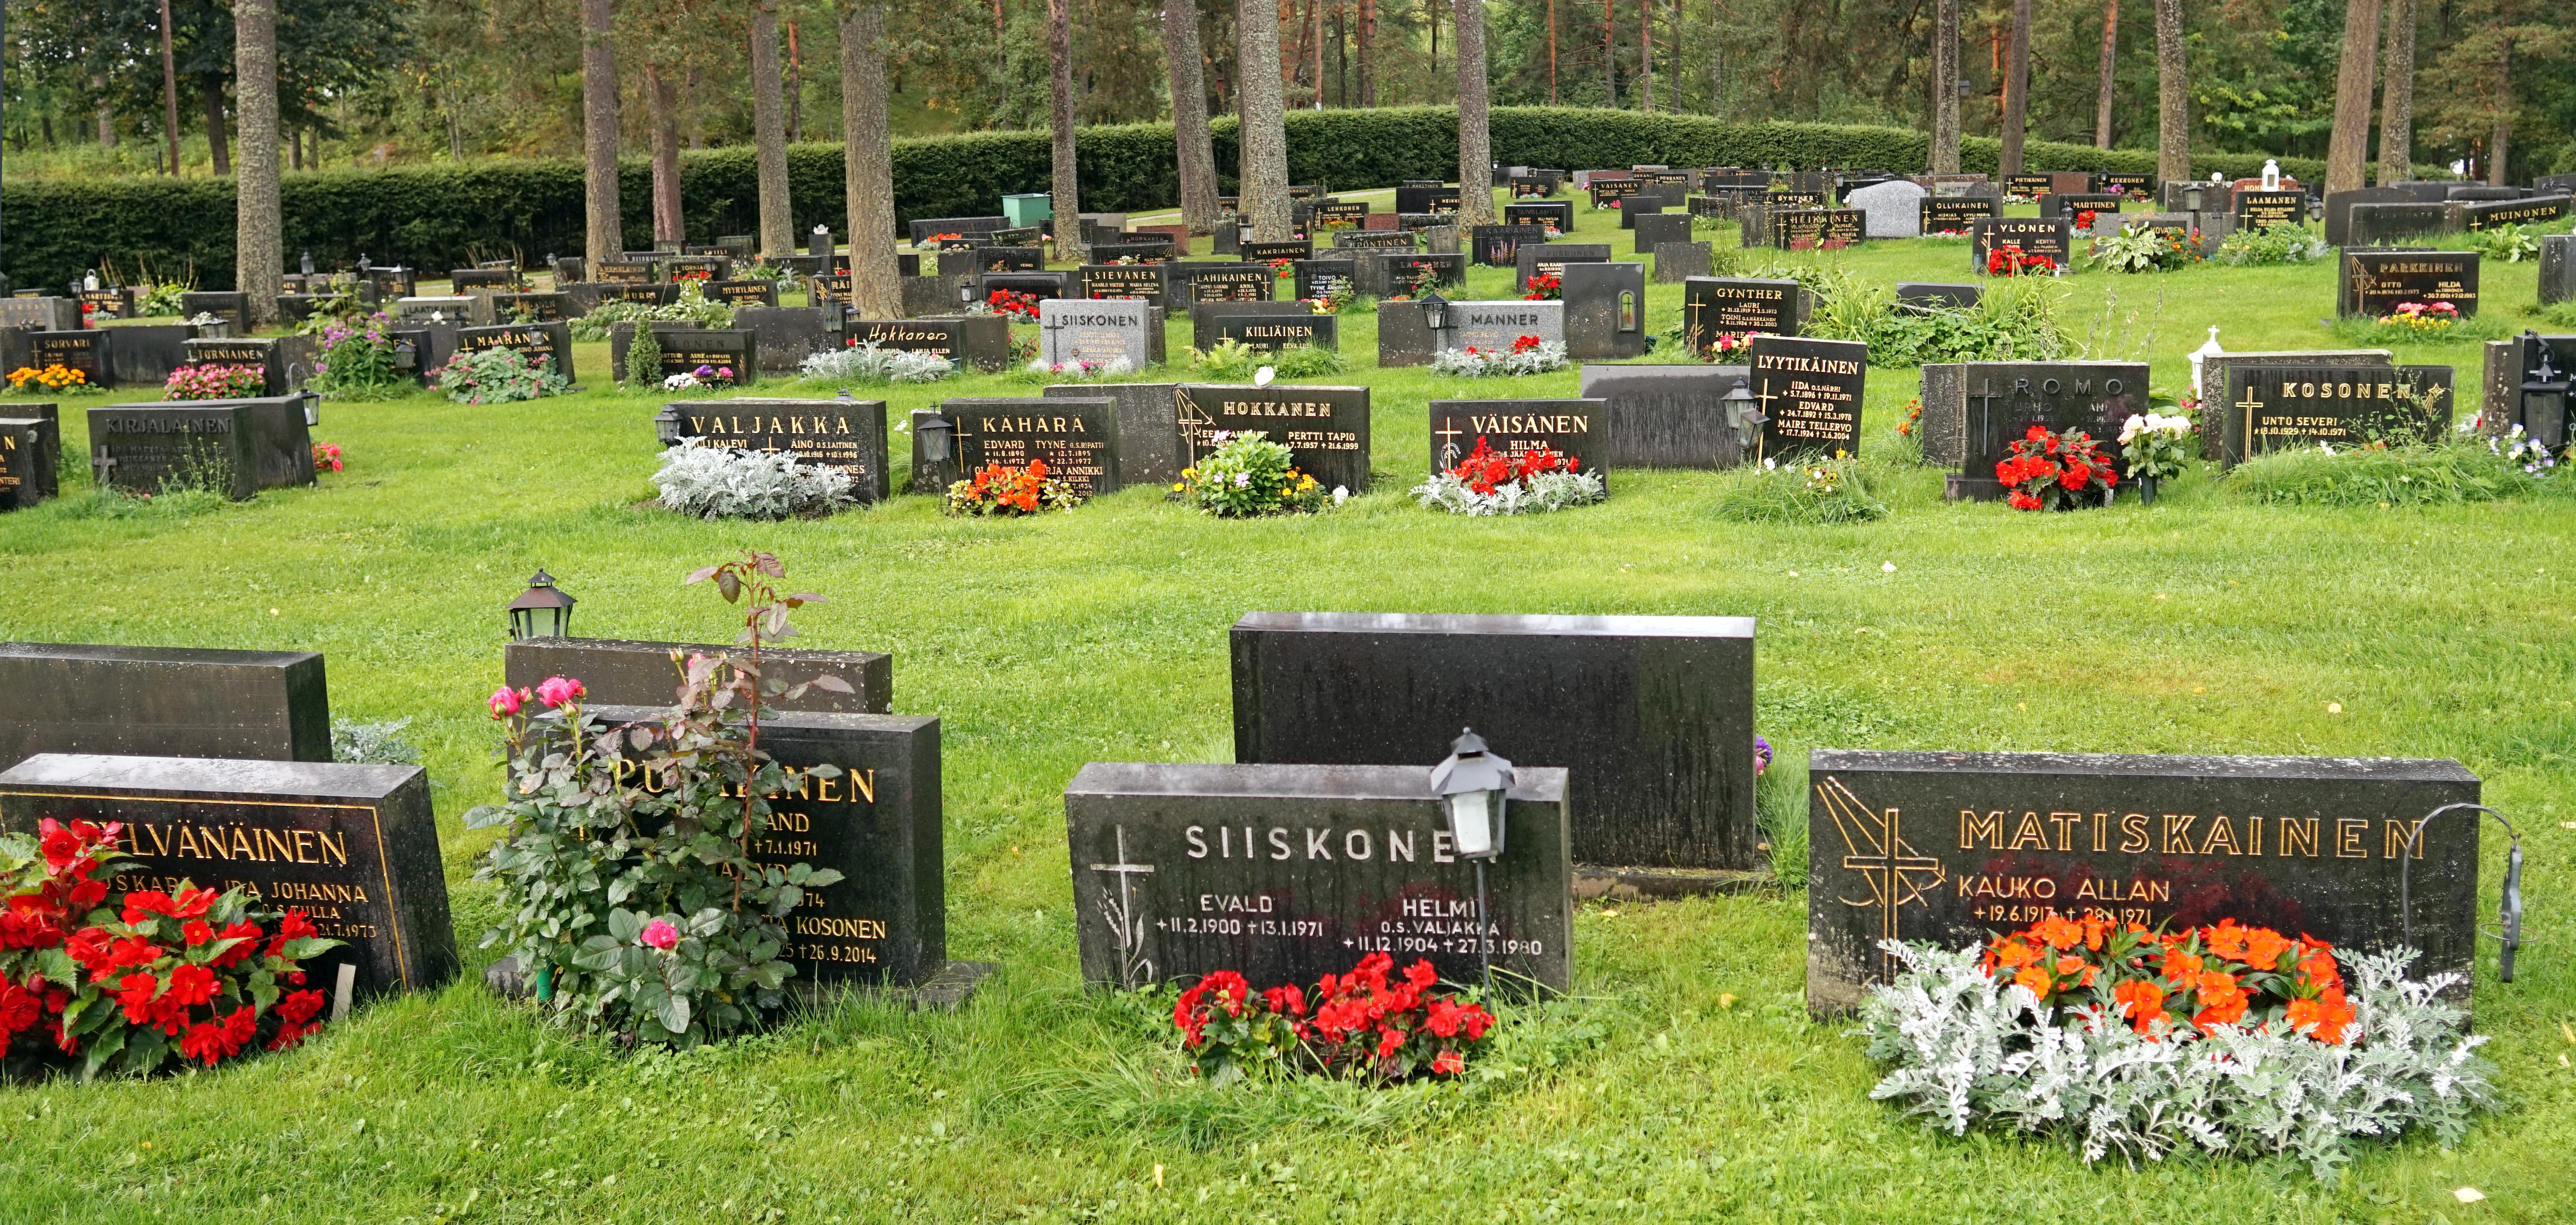 Mikkeli - cemetery 2.jpg